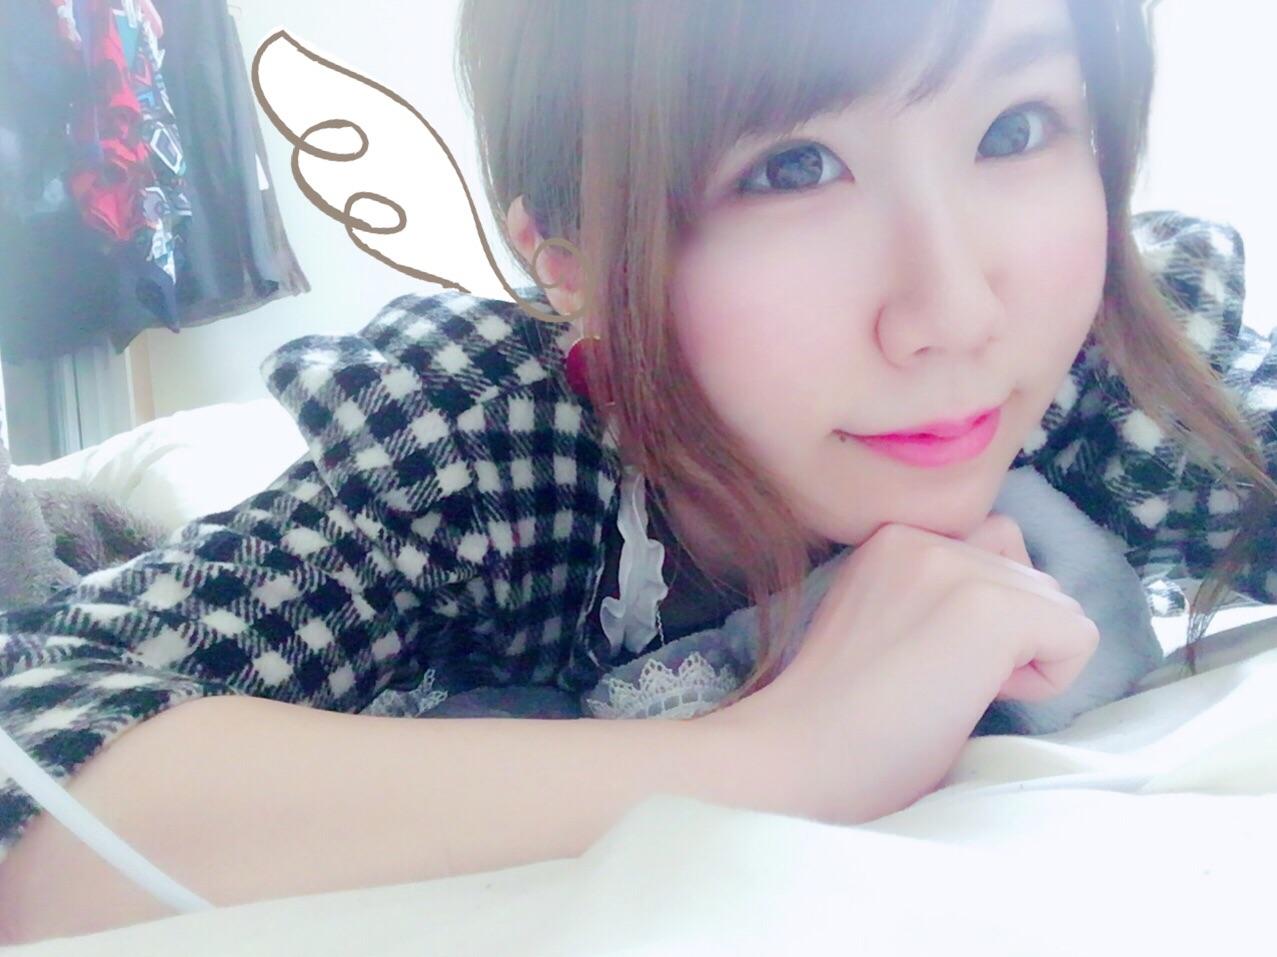 「しゅっきーん✩︎」03/15(03/15) 18:32 | ありすの写メ・風俗動画